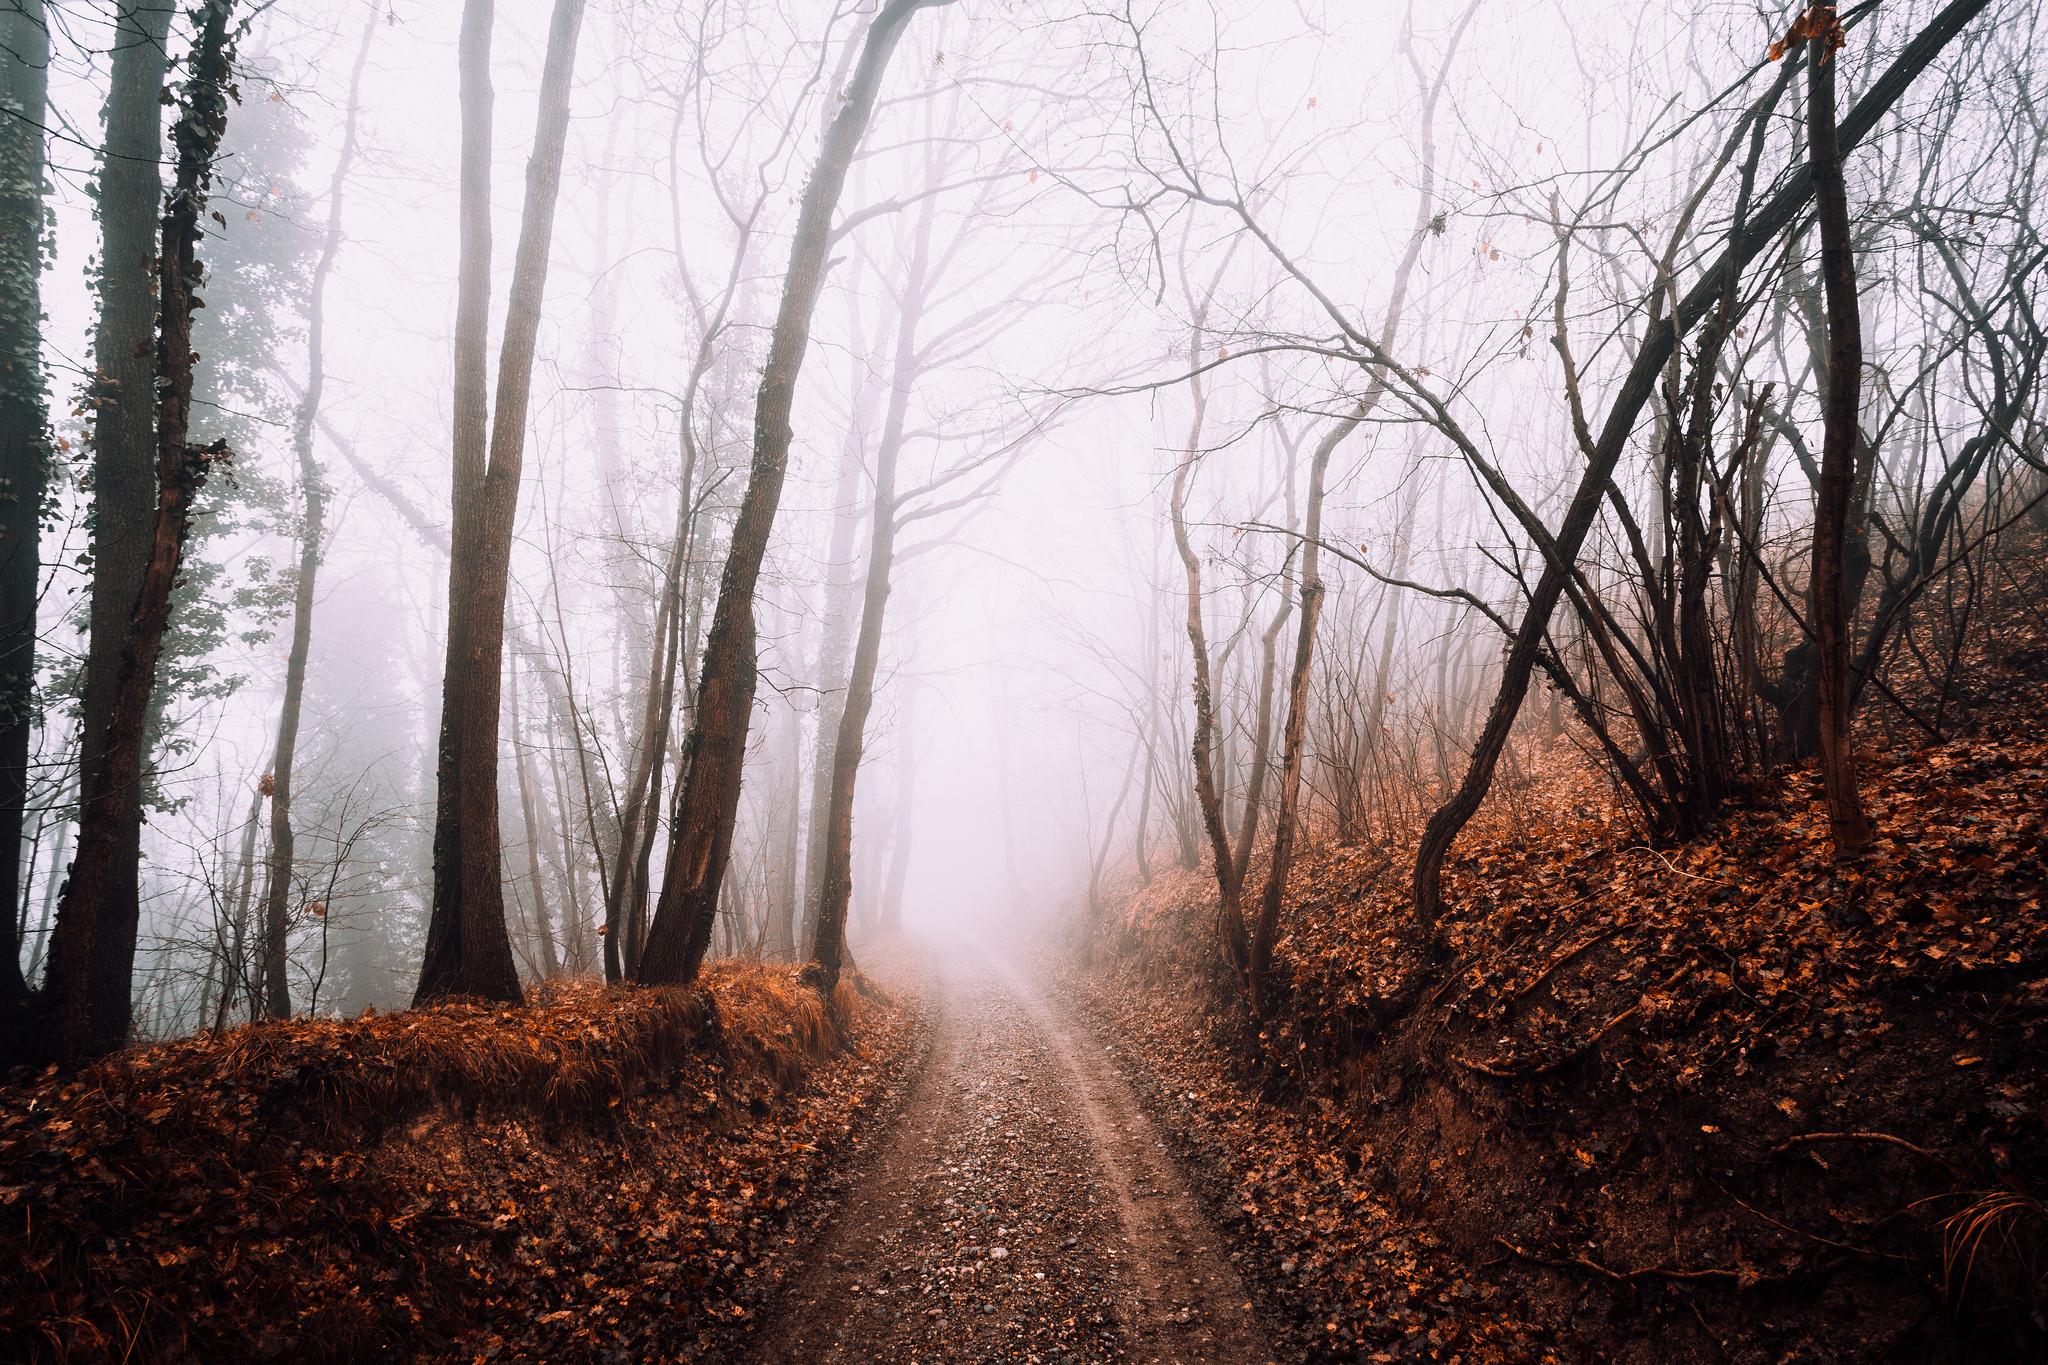 Заброшенная дорога в лесу  № 1103900 бесплатно